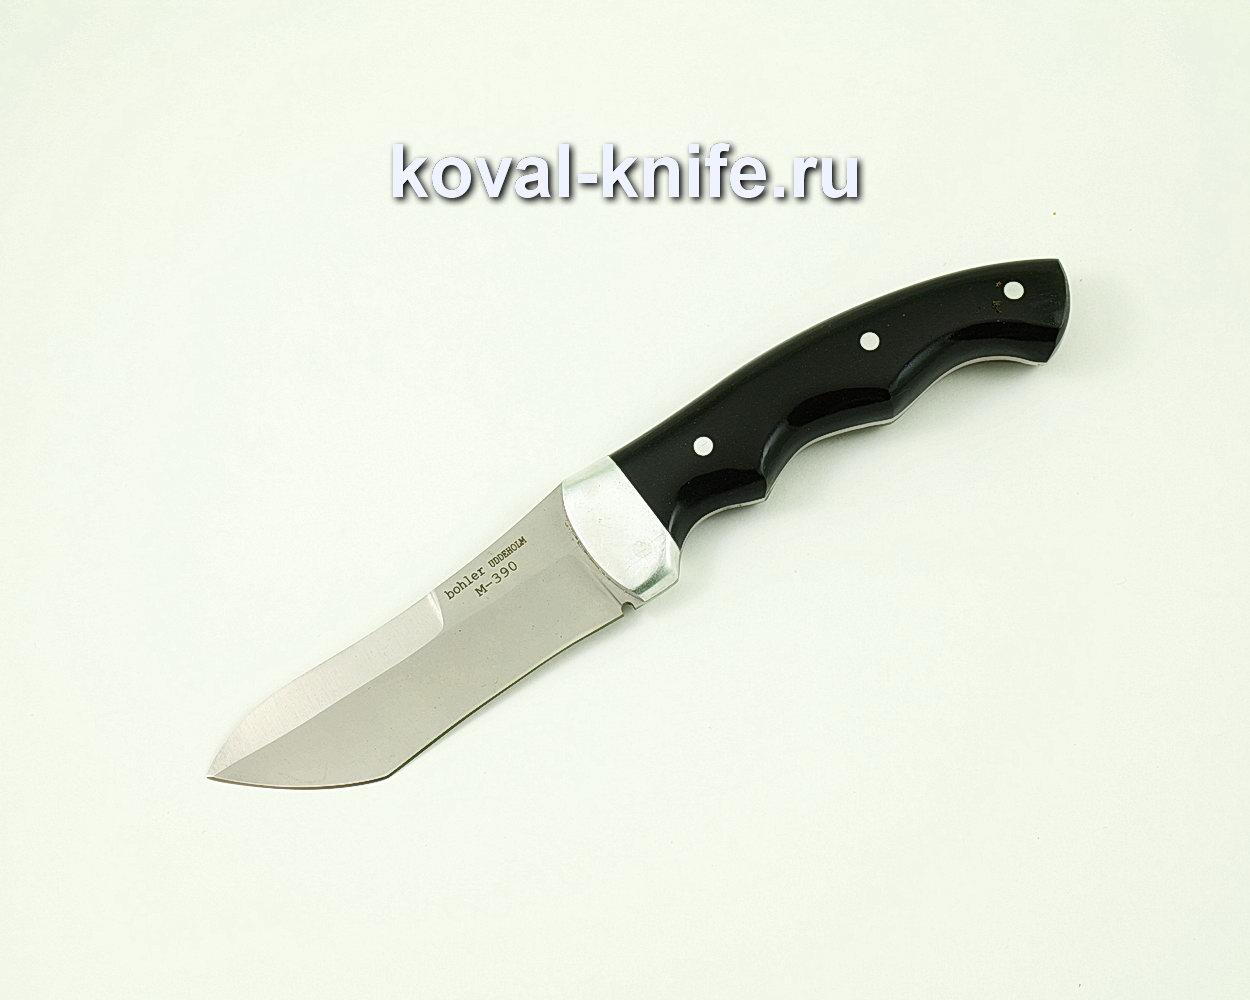 Нож Н1 из порошковой стали M390 (рукоять цельнометаллическая эбонит) A390